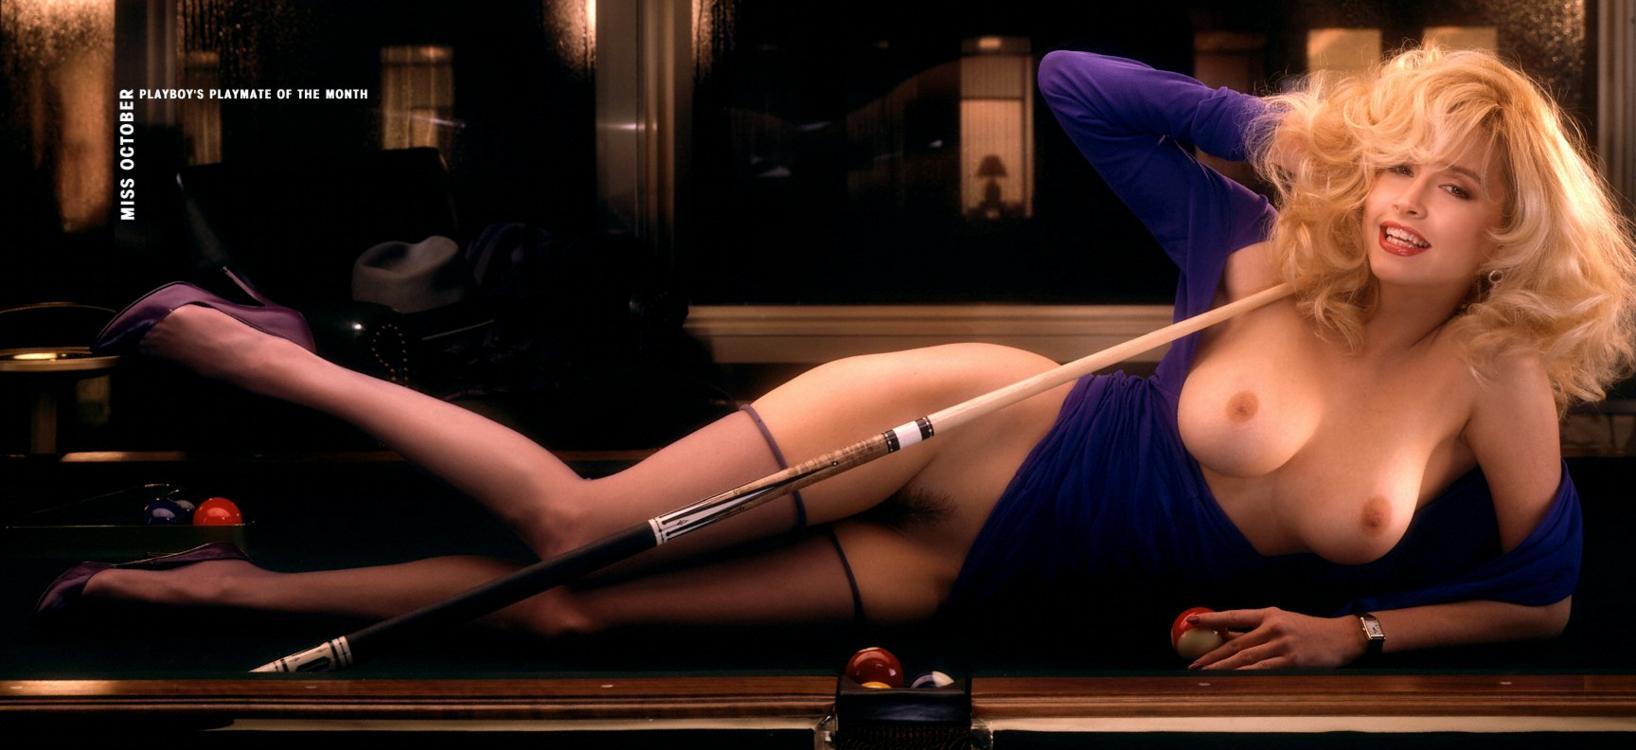 Самые эротические клипы онлайн 10 фотография